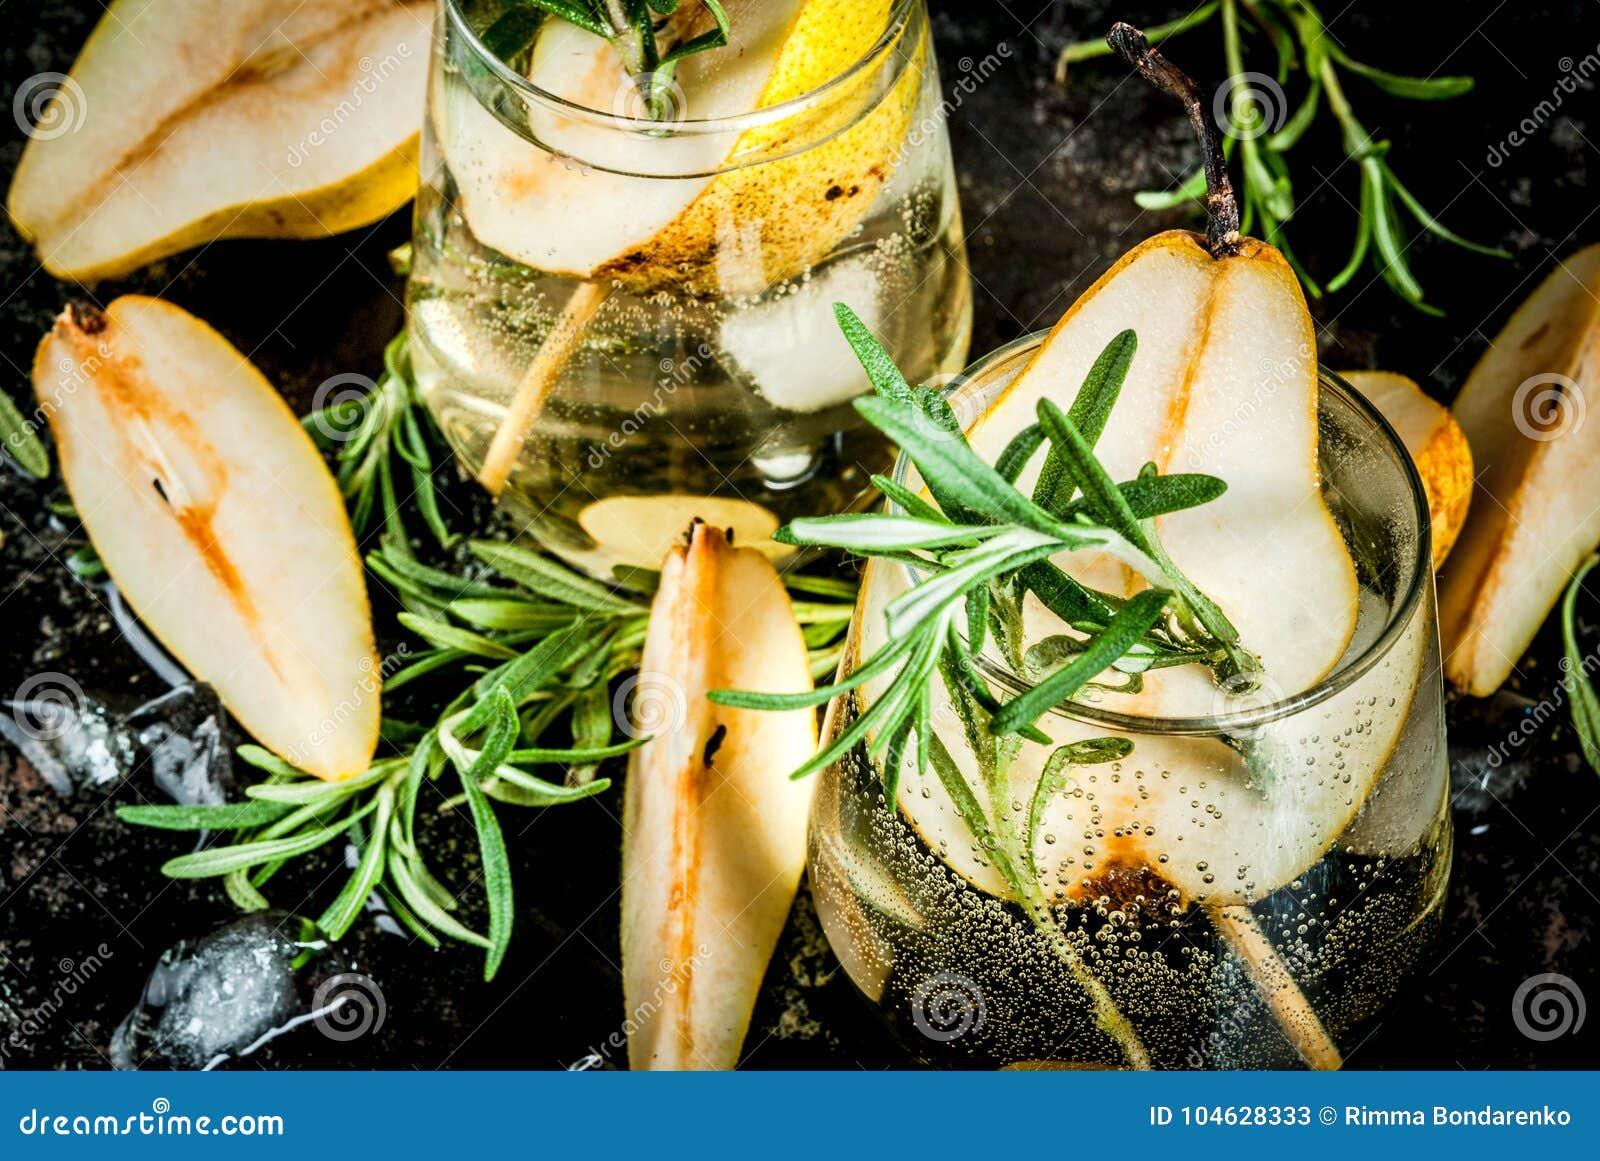 Download Zoete Peer En Rozemarijncocktail Stock Afbeelding - Afbeelding bestaande uit organisch, glas: 104628333